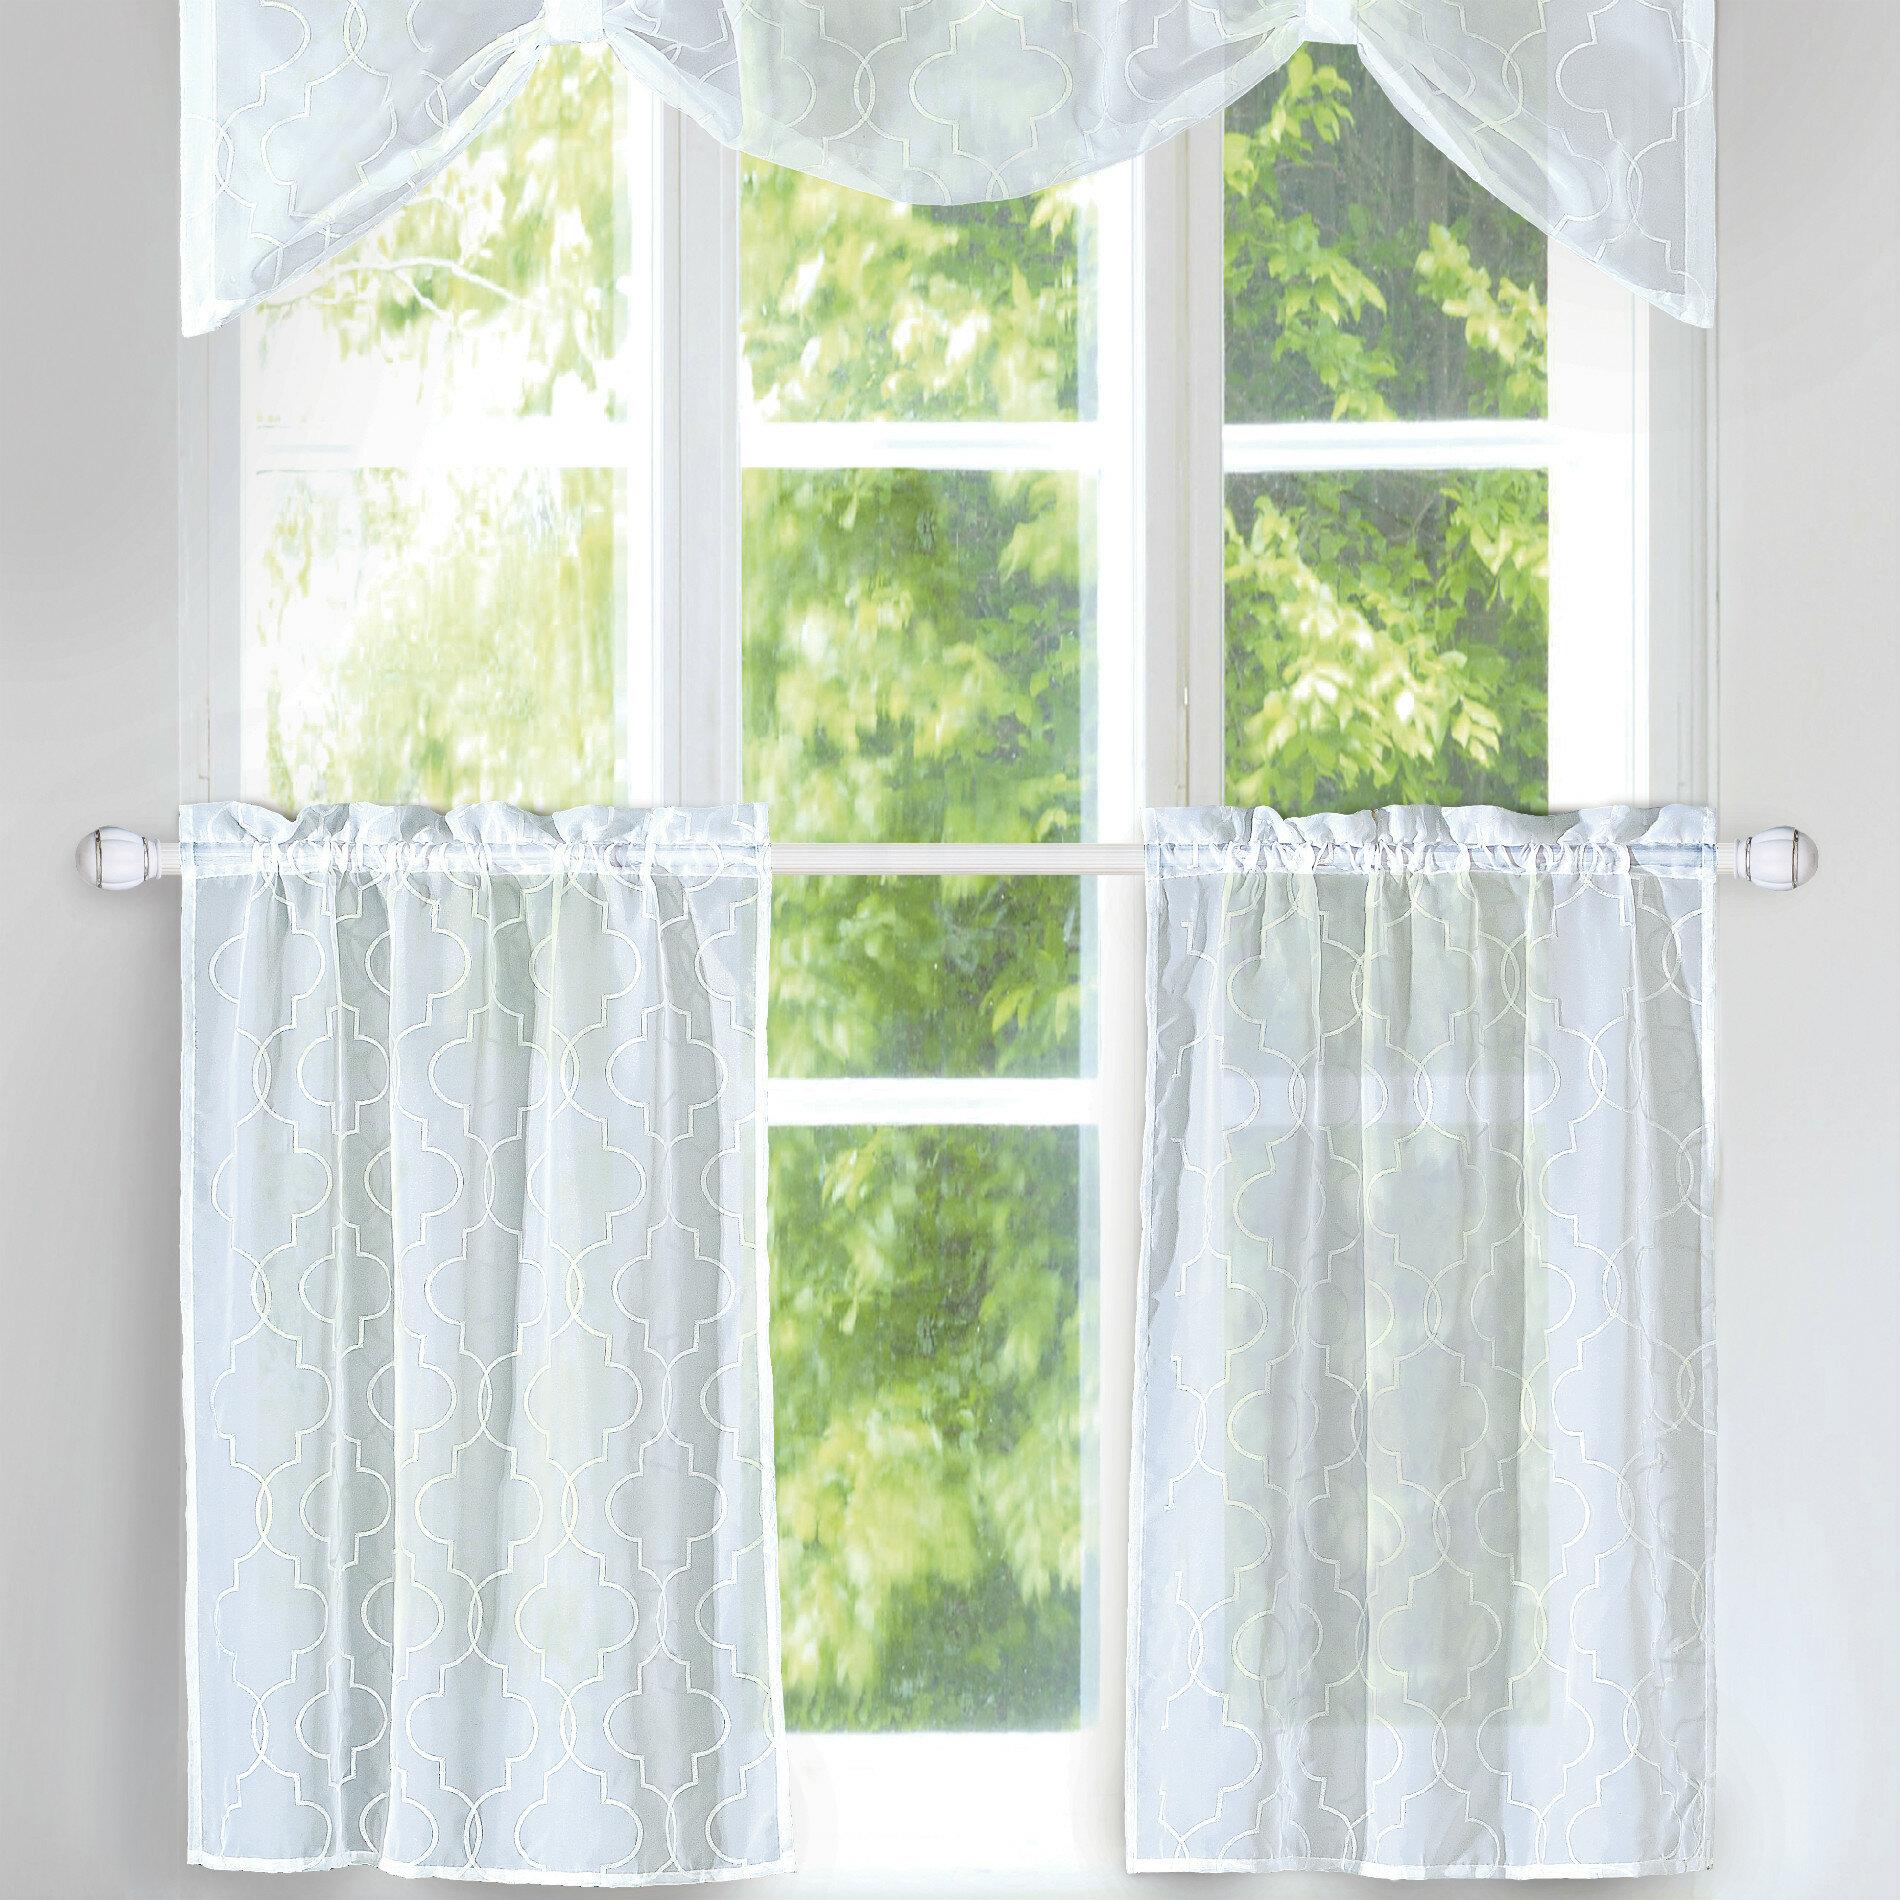 House of hampton rana 3 piece kitchen curtain set wayfair